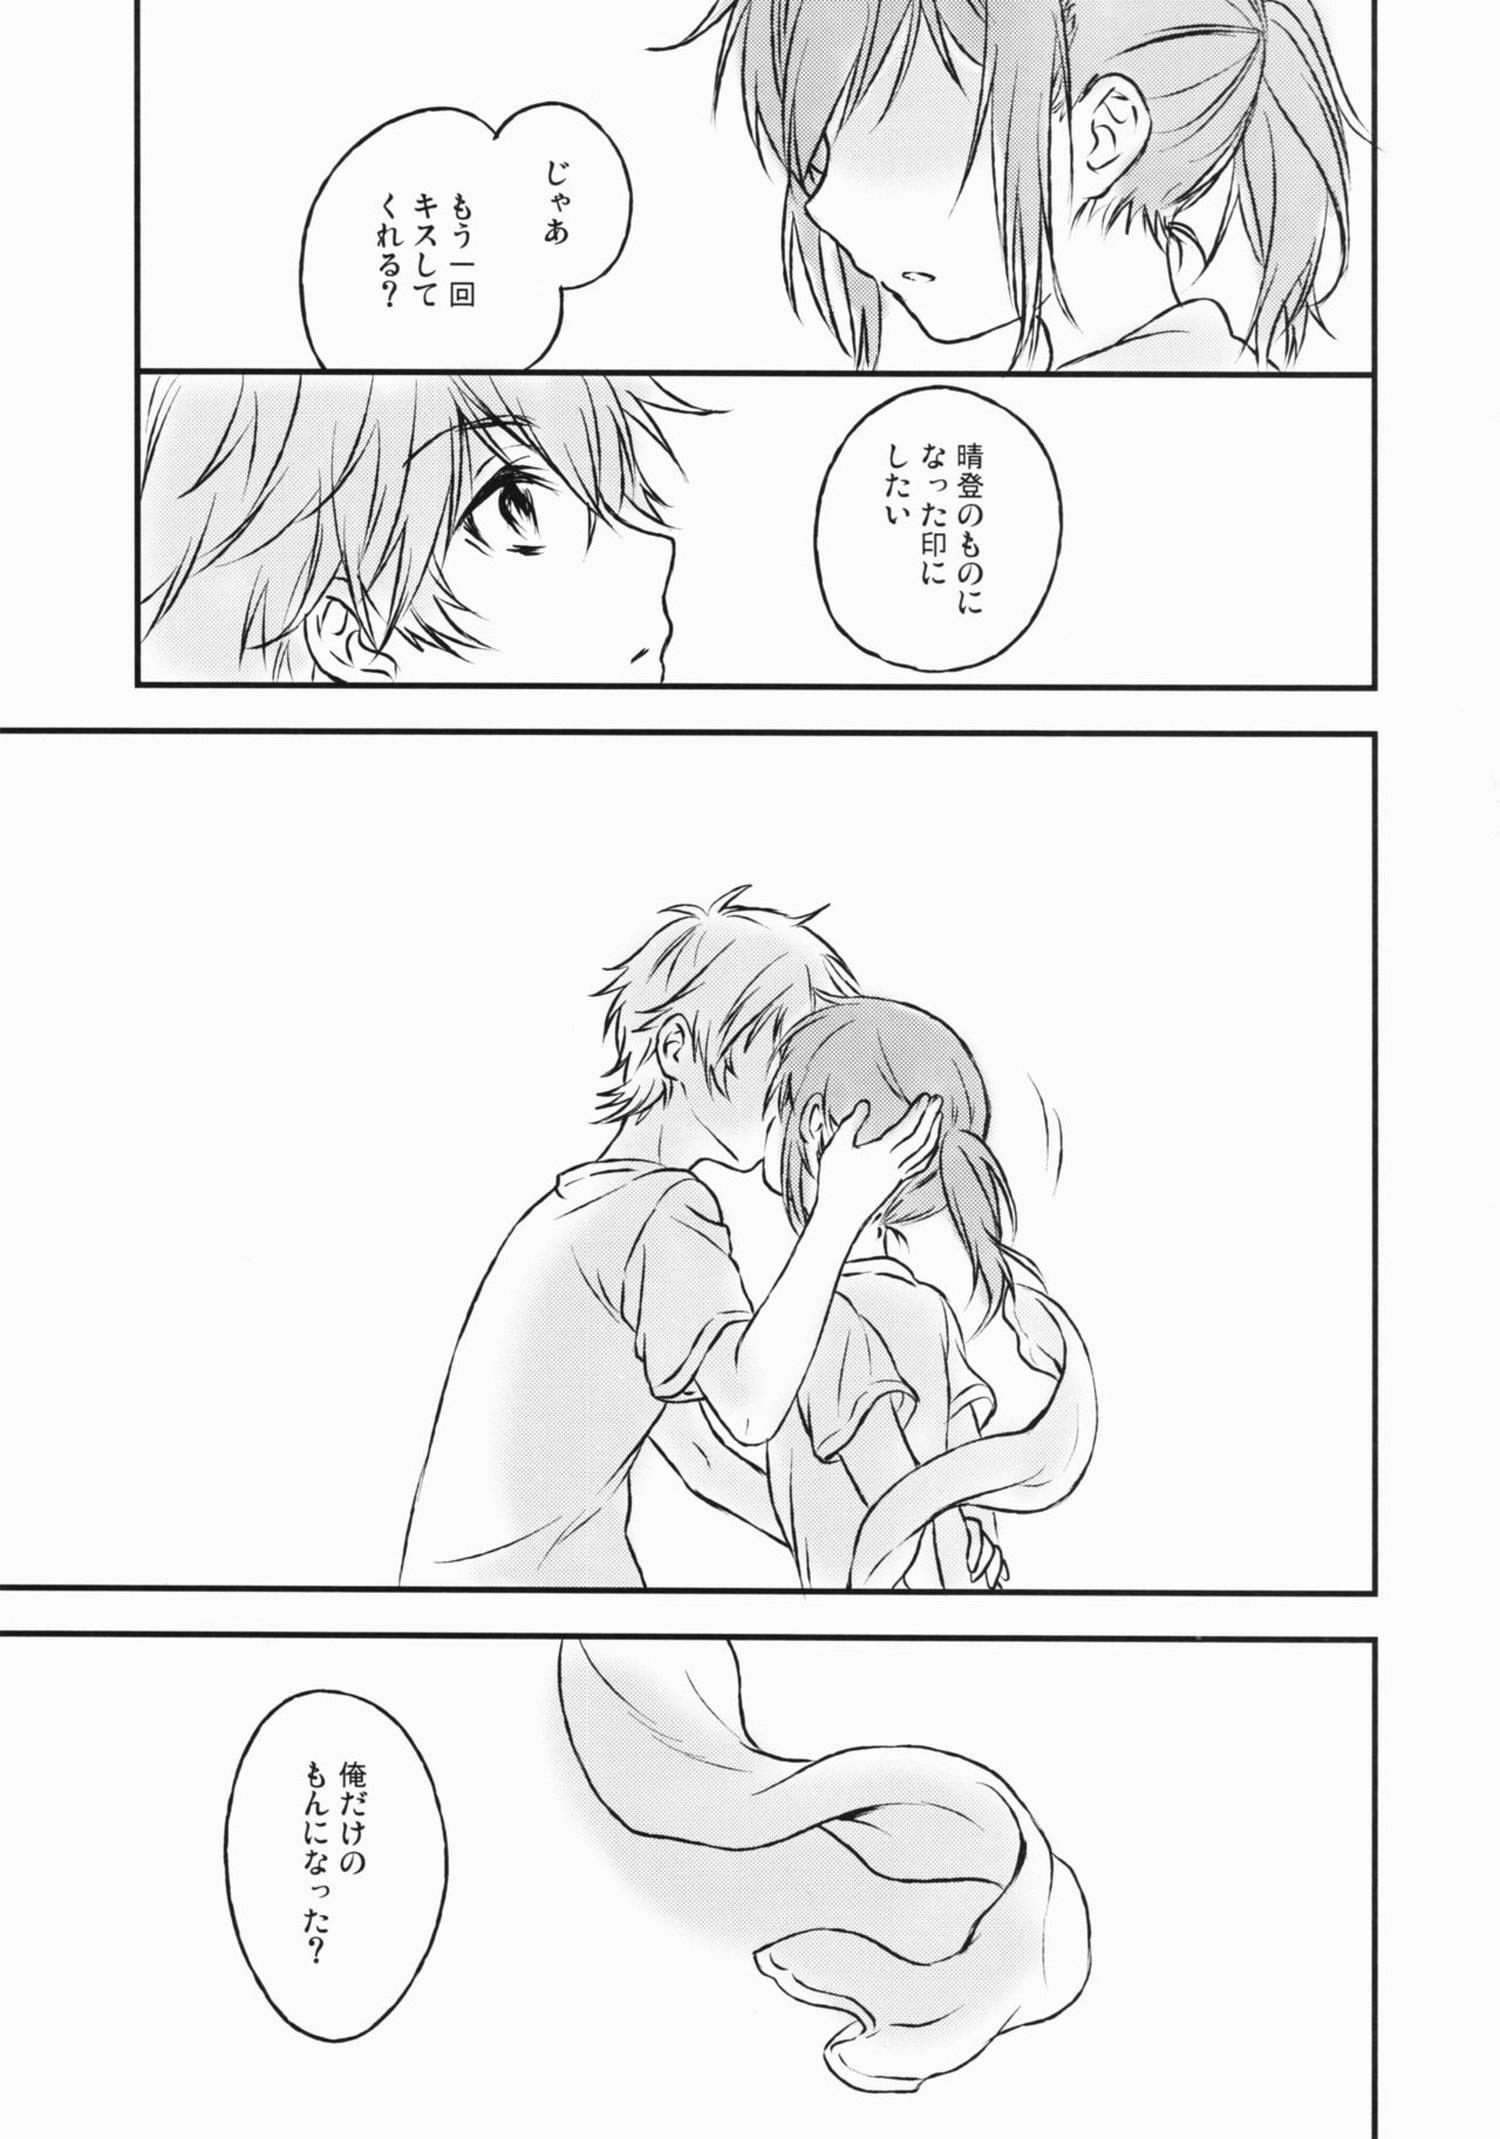 ポニーテールの女装男子とイチャラブセックスwww【エロ漫画・エロ同人】 (30)